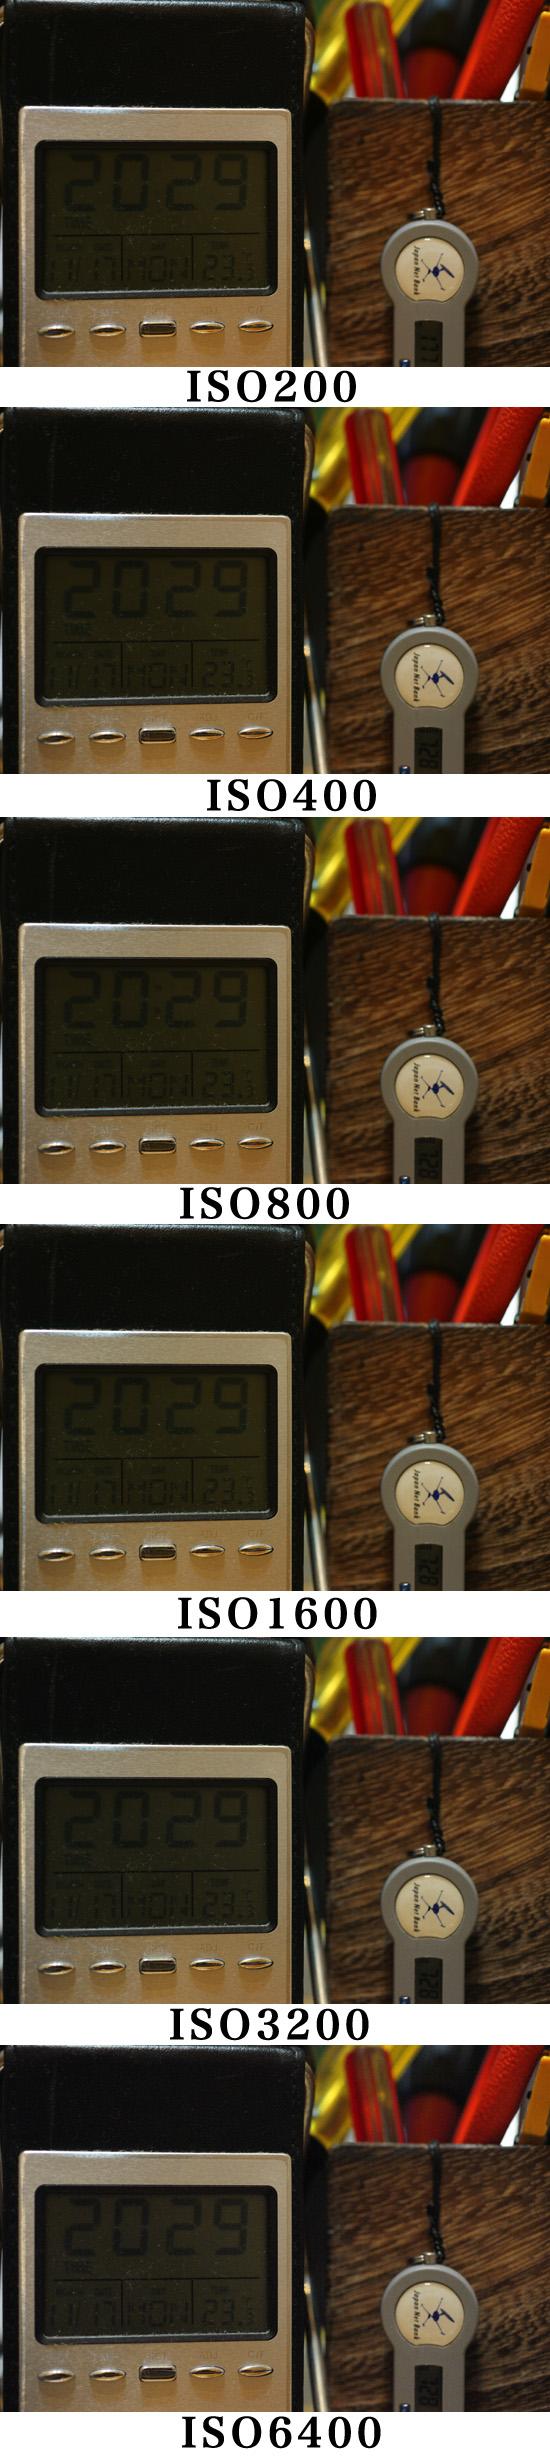 900noise.jpg